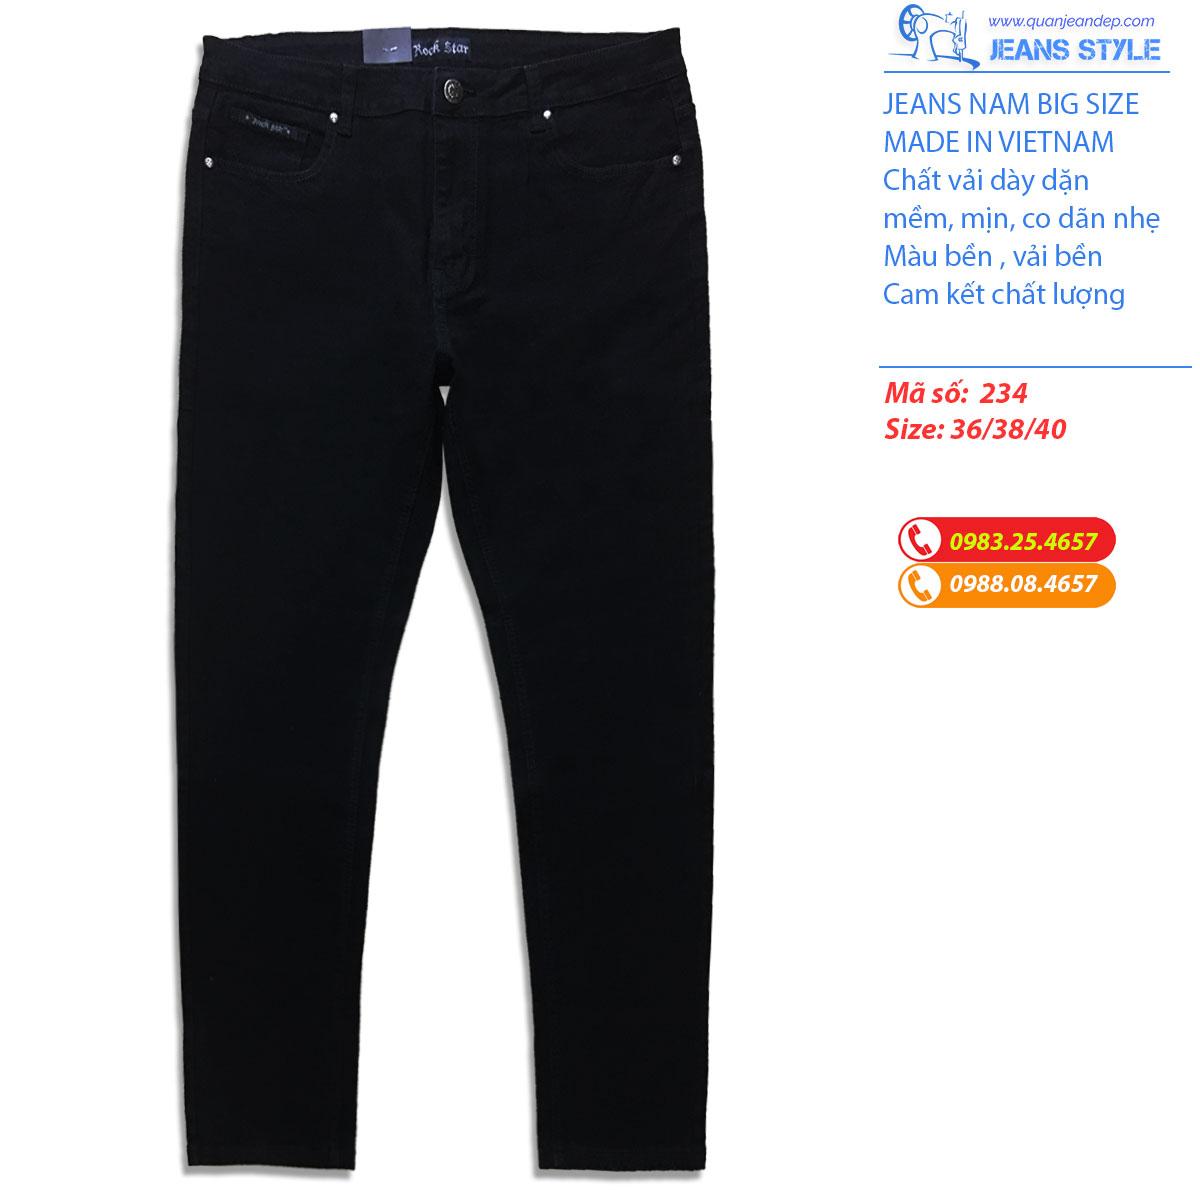 Jeans nam big size mầu đen dáng côn 234 Giá:500.000,00 ₫